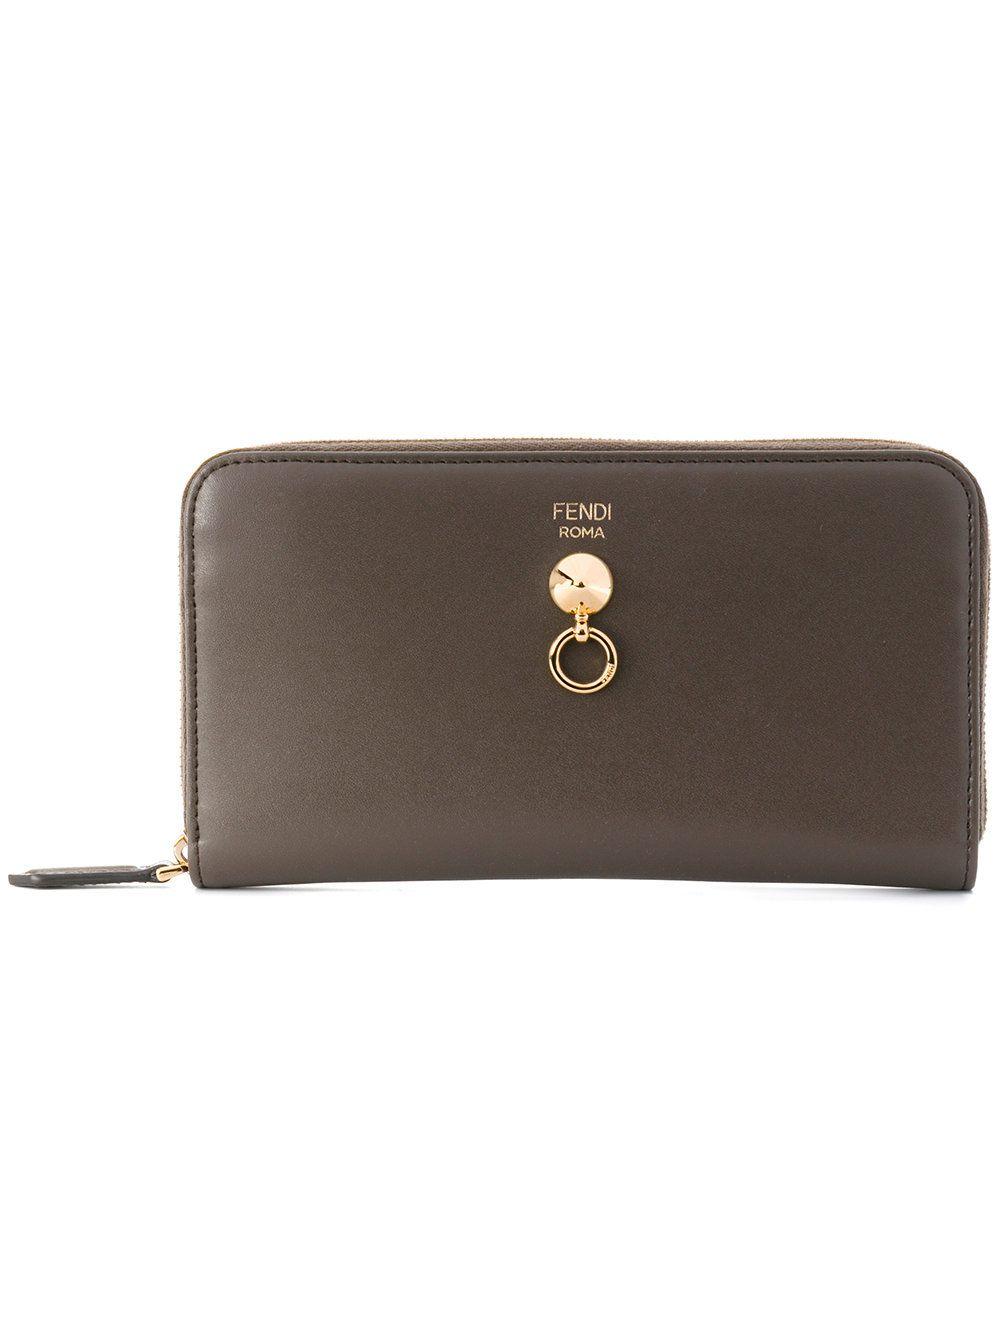 9d3fba2df989 fendi  women  continental  wallet  zipped  leather  roma  style www ...